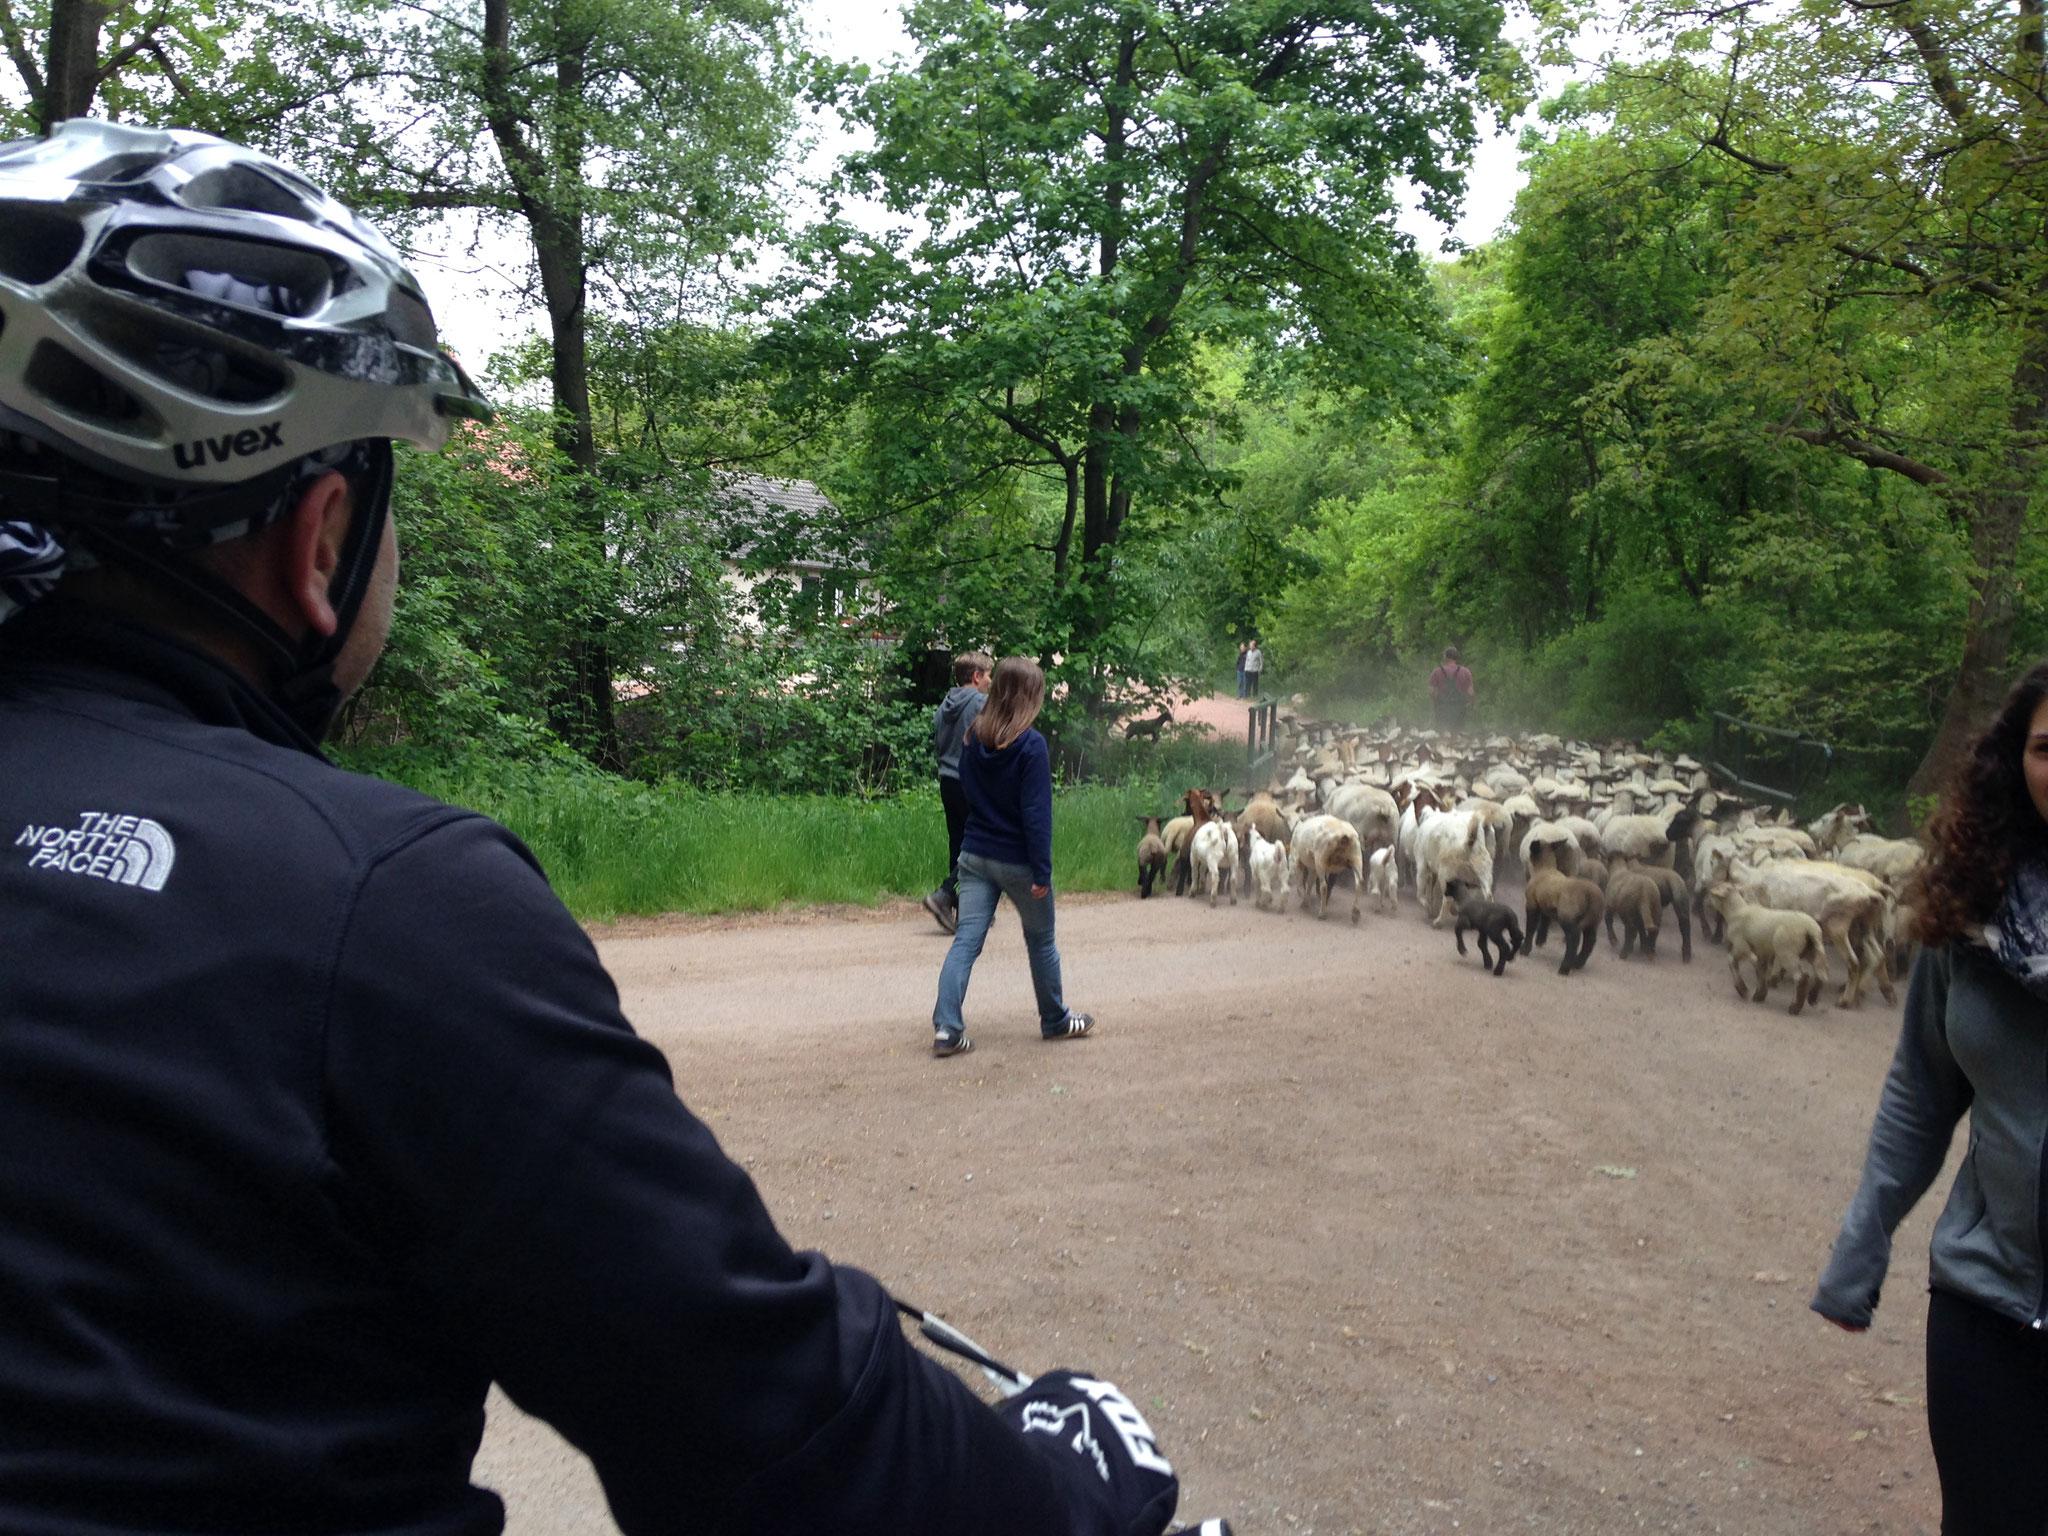 Zufallsbegegnungen bei einer Radtour im Harz...